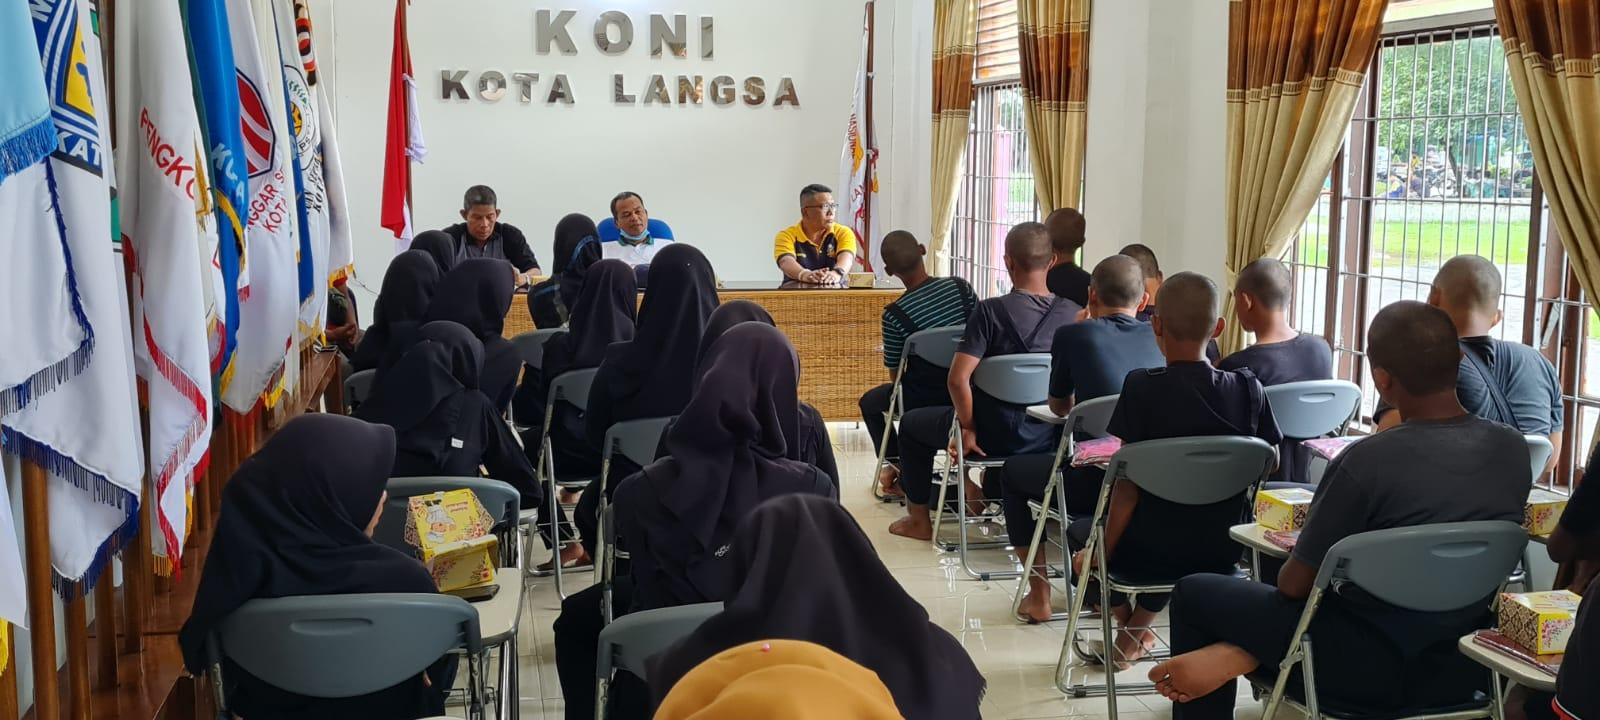 Persatuan Drum Band Indonesia (PDBI) Kota Langsa Apresiasi Bank Aceh Syariah Dan PDAM Sebagai Sponsor Jelang Pra-PORA